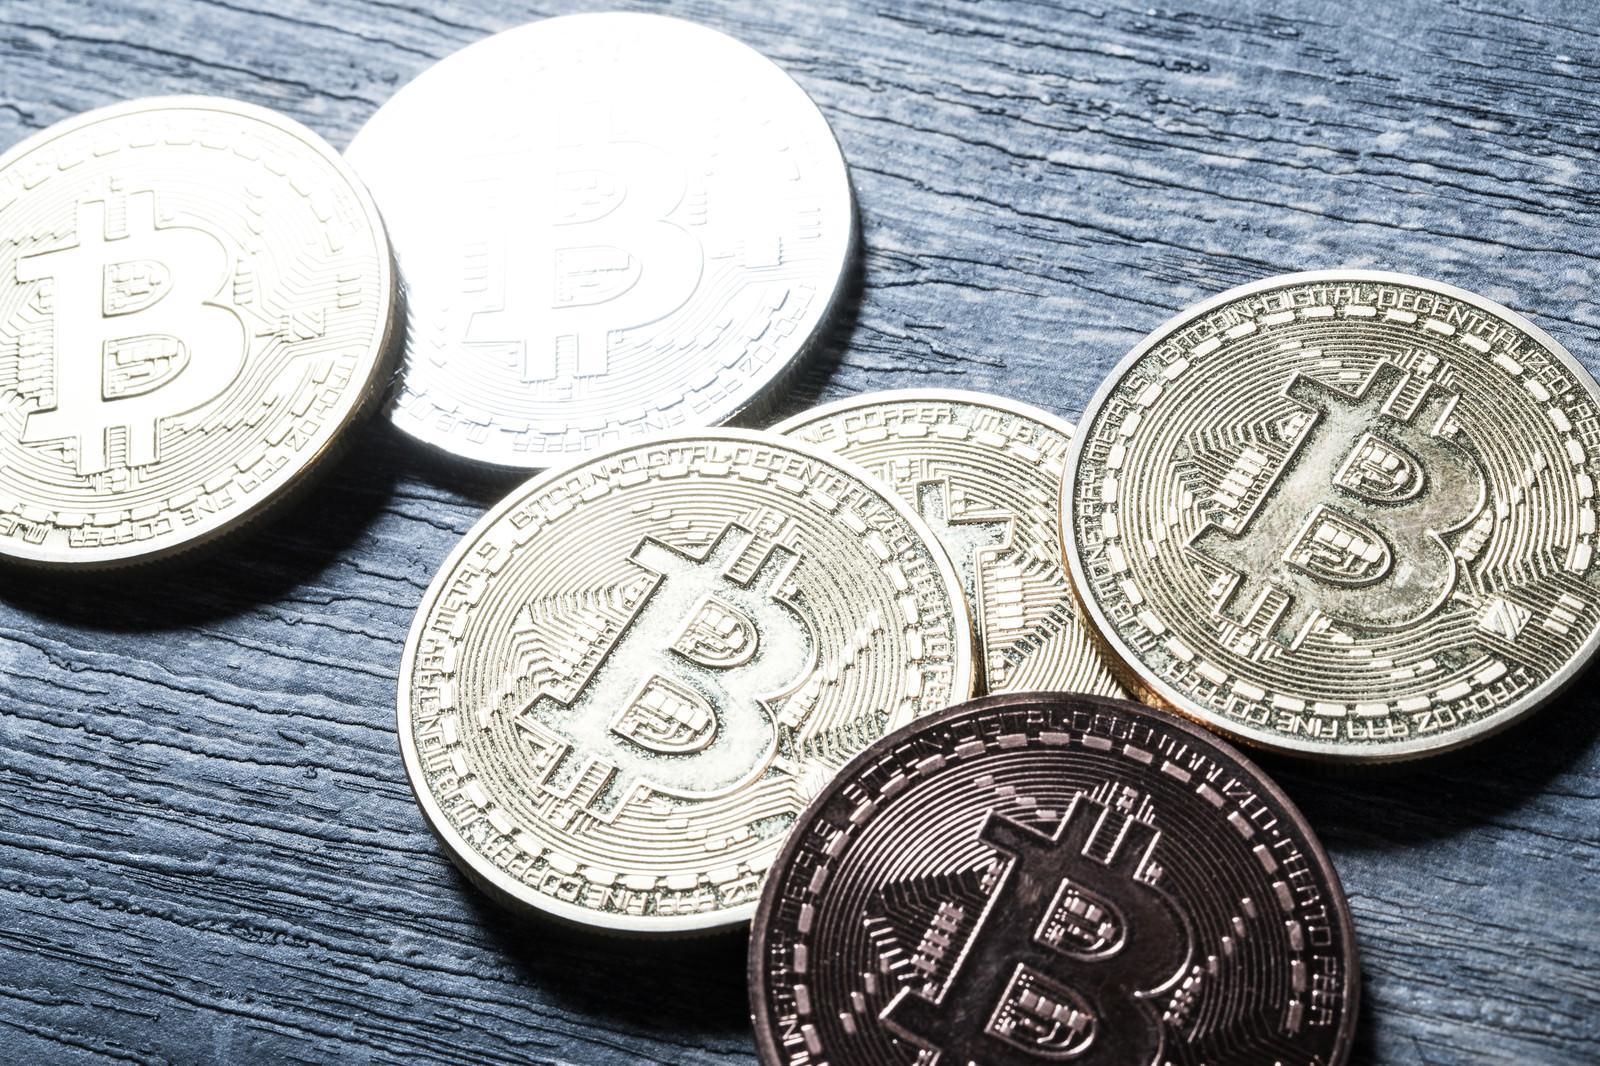 「仮想通貨 画像 フリー」の画像検索結果